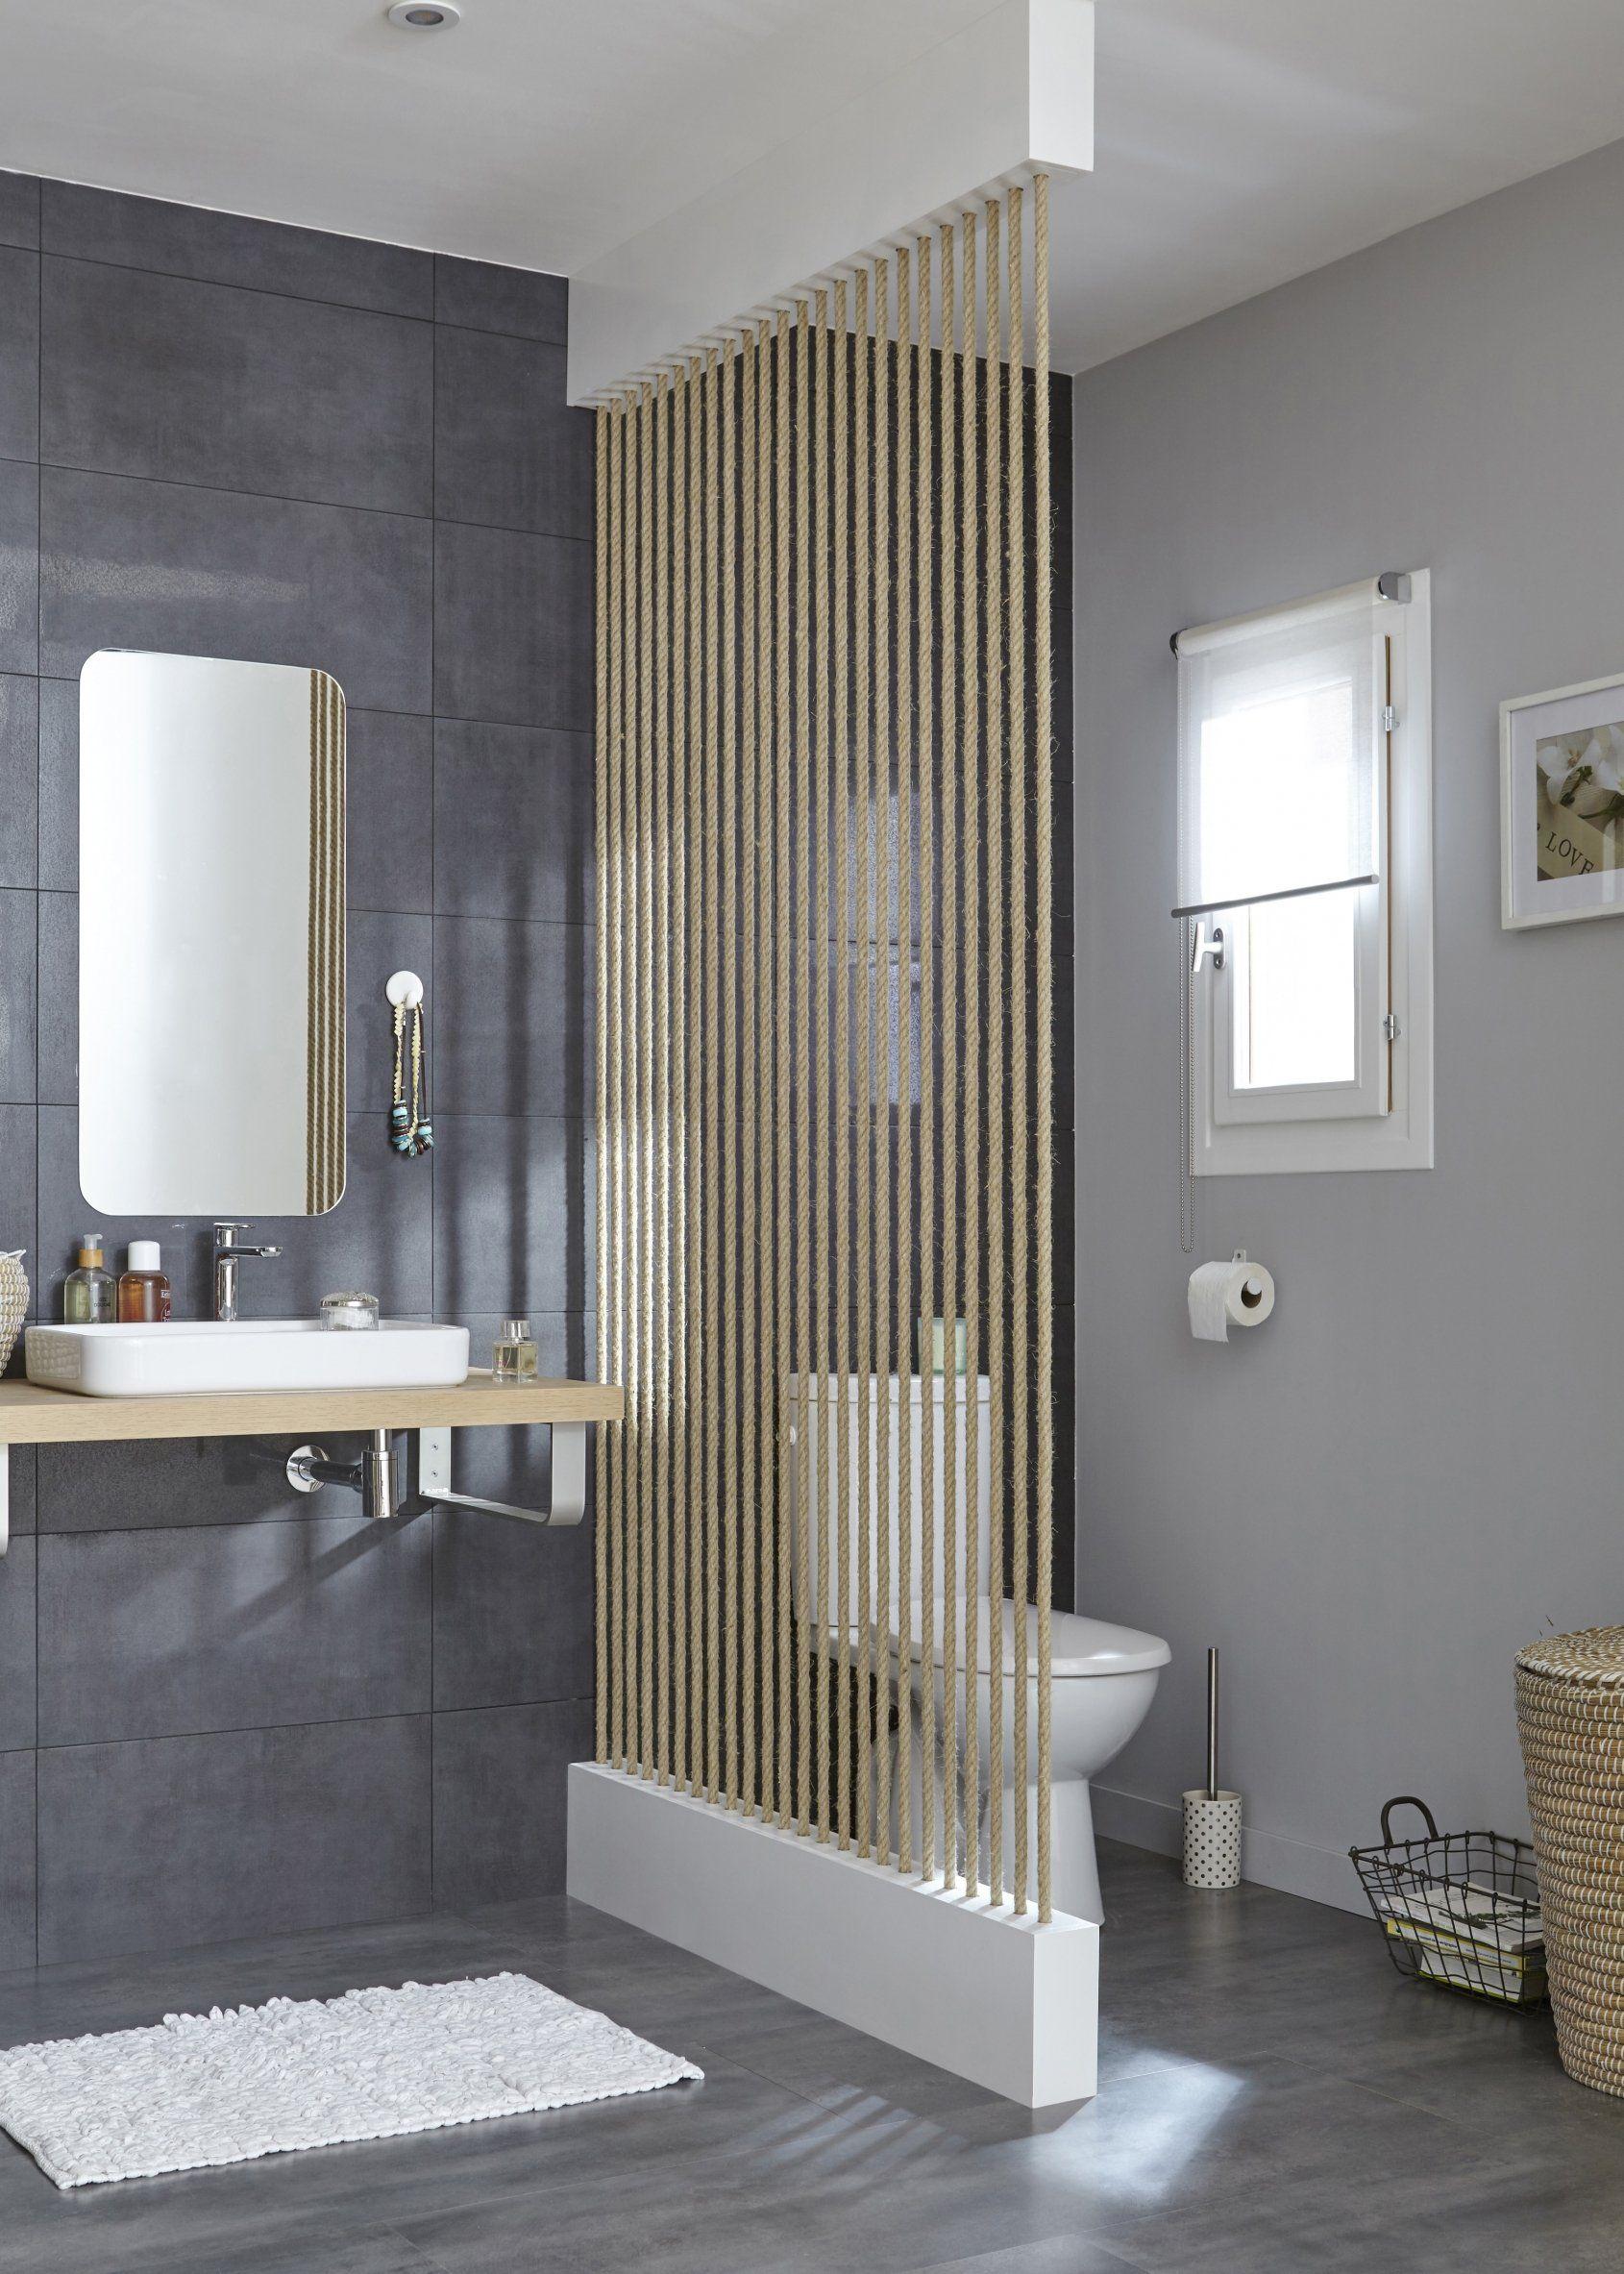 des cordes pour séparer les wc de la salle de bains | salle de ... - Paravent Pour Salle De Bain